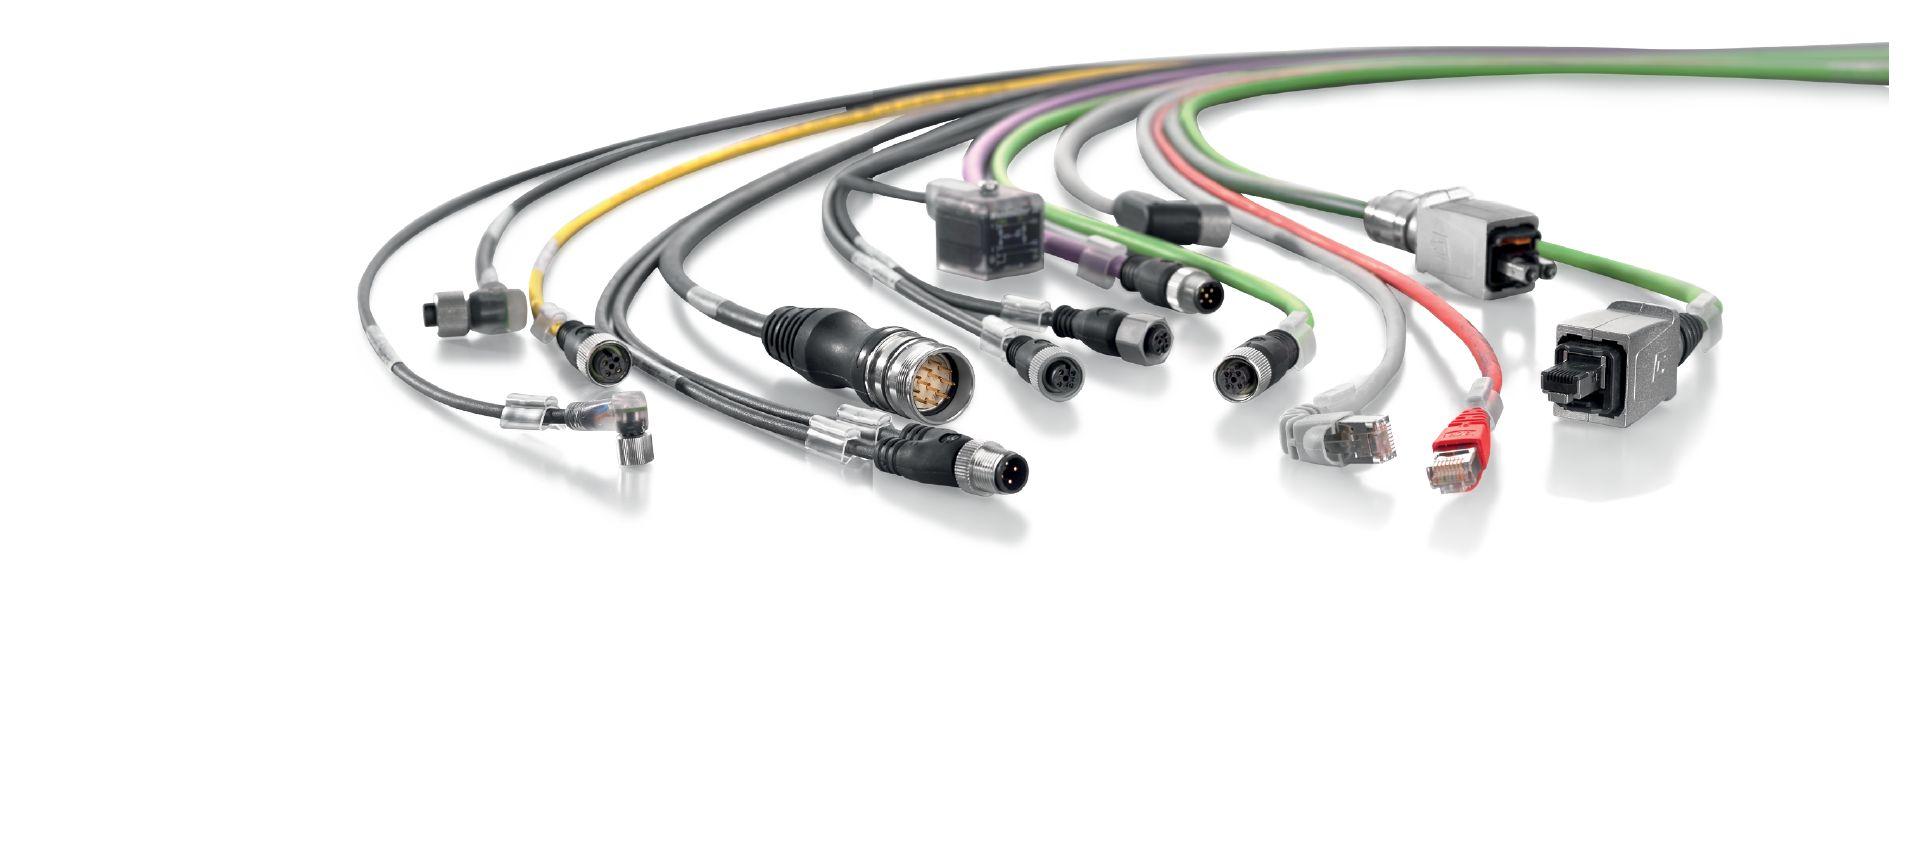 Anschlussleitungen, Patchkabel und Kabel